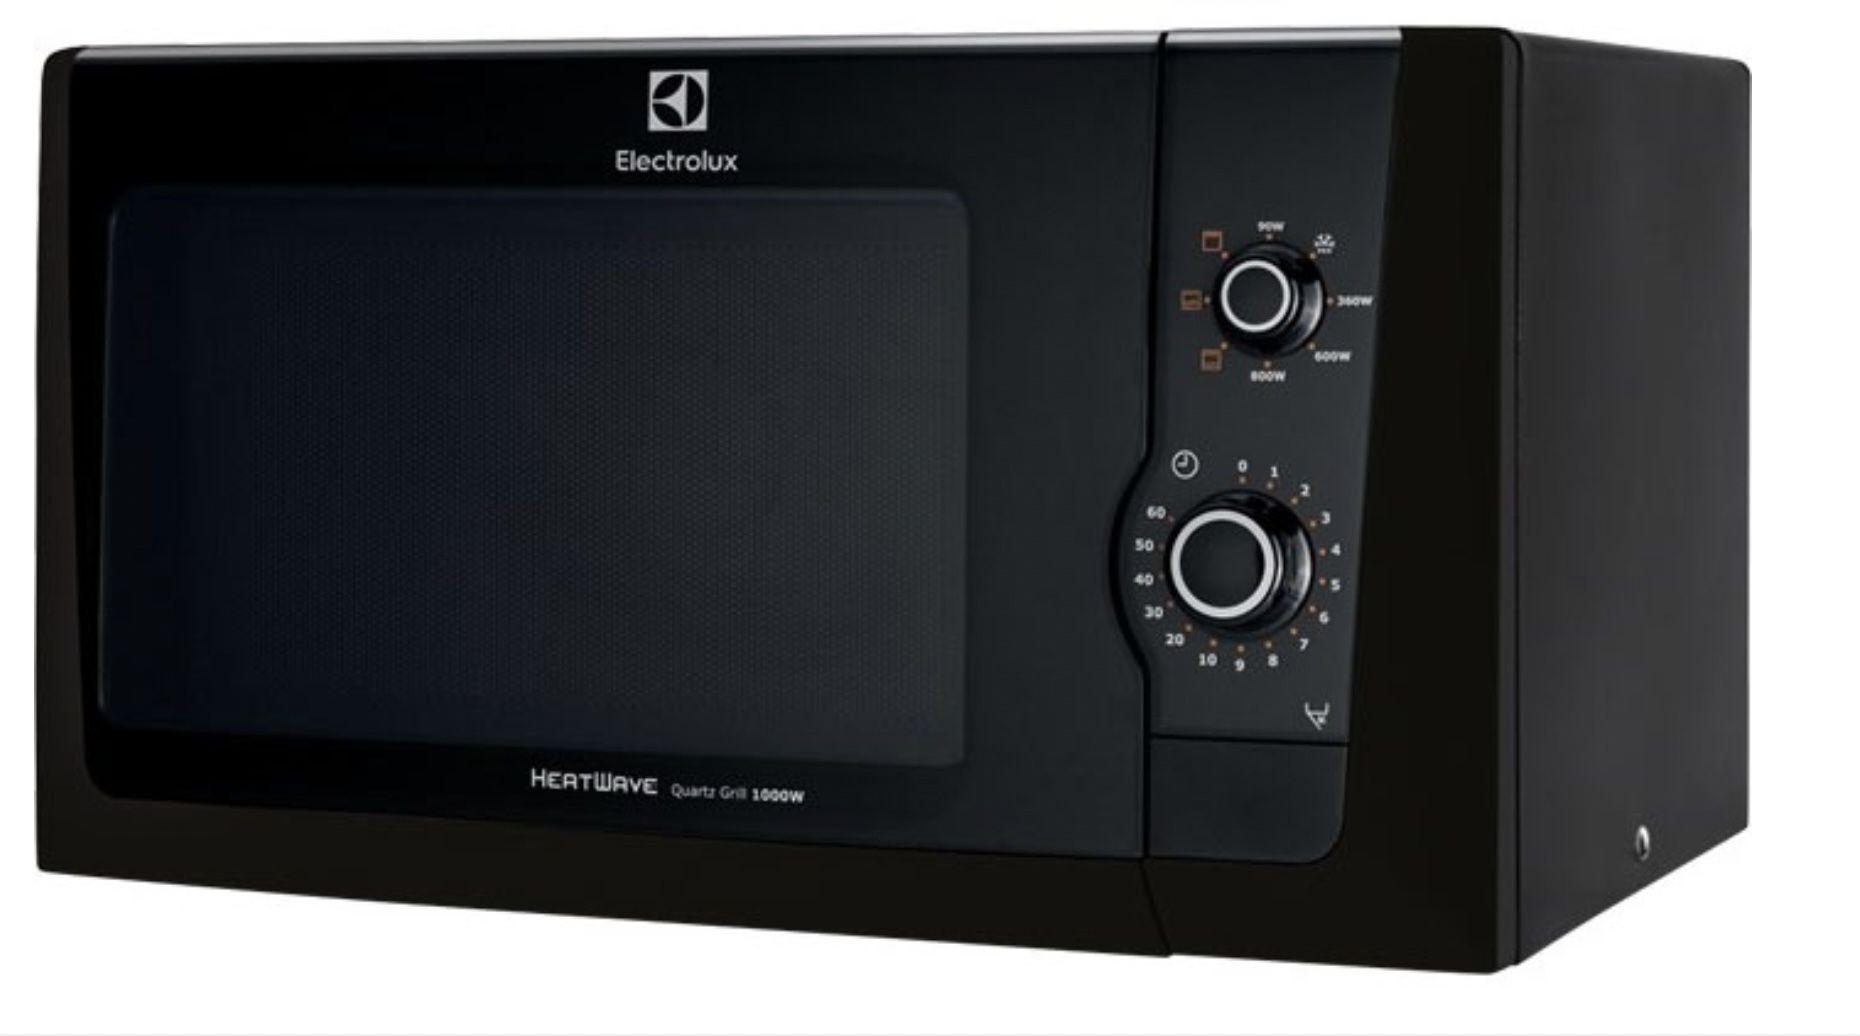 Electrolux EMM21150K 21L Mikrowelle mit 800 W und Grillfunktion für 83,85€ (statt 104€)